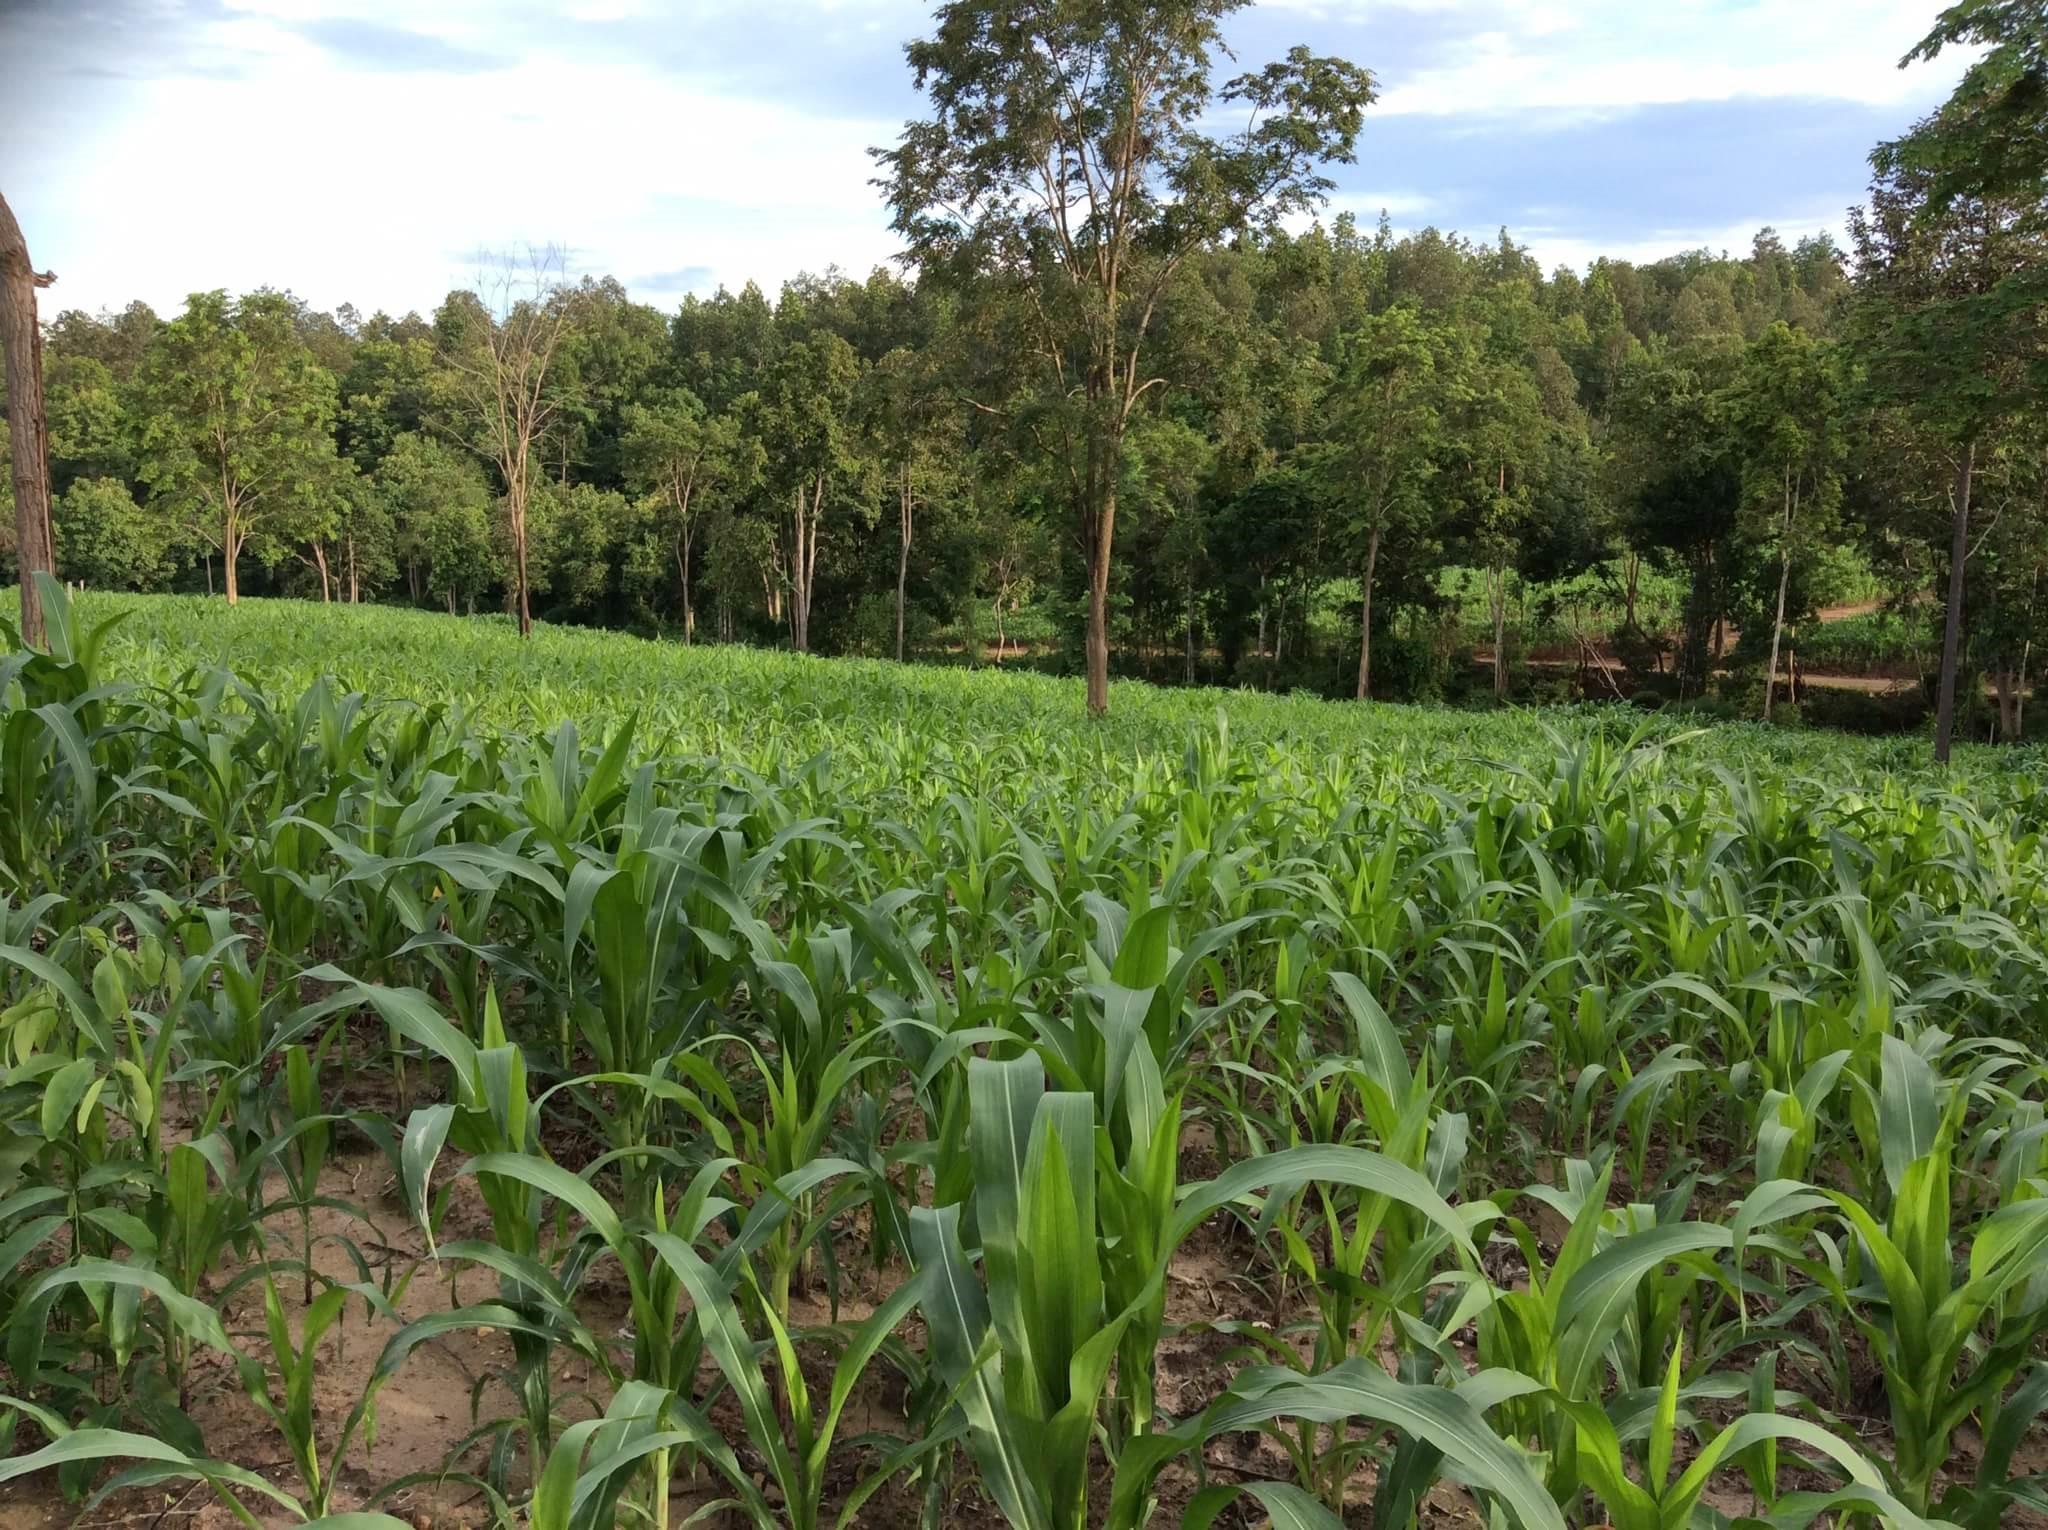 ที่ดิน 100 ไร่ เนินวิวสวย เชียงใหม่ &#x2605 100 rai of land overlooking the beautiful Chiang Mai &#x2605